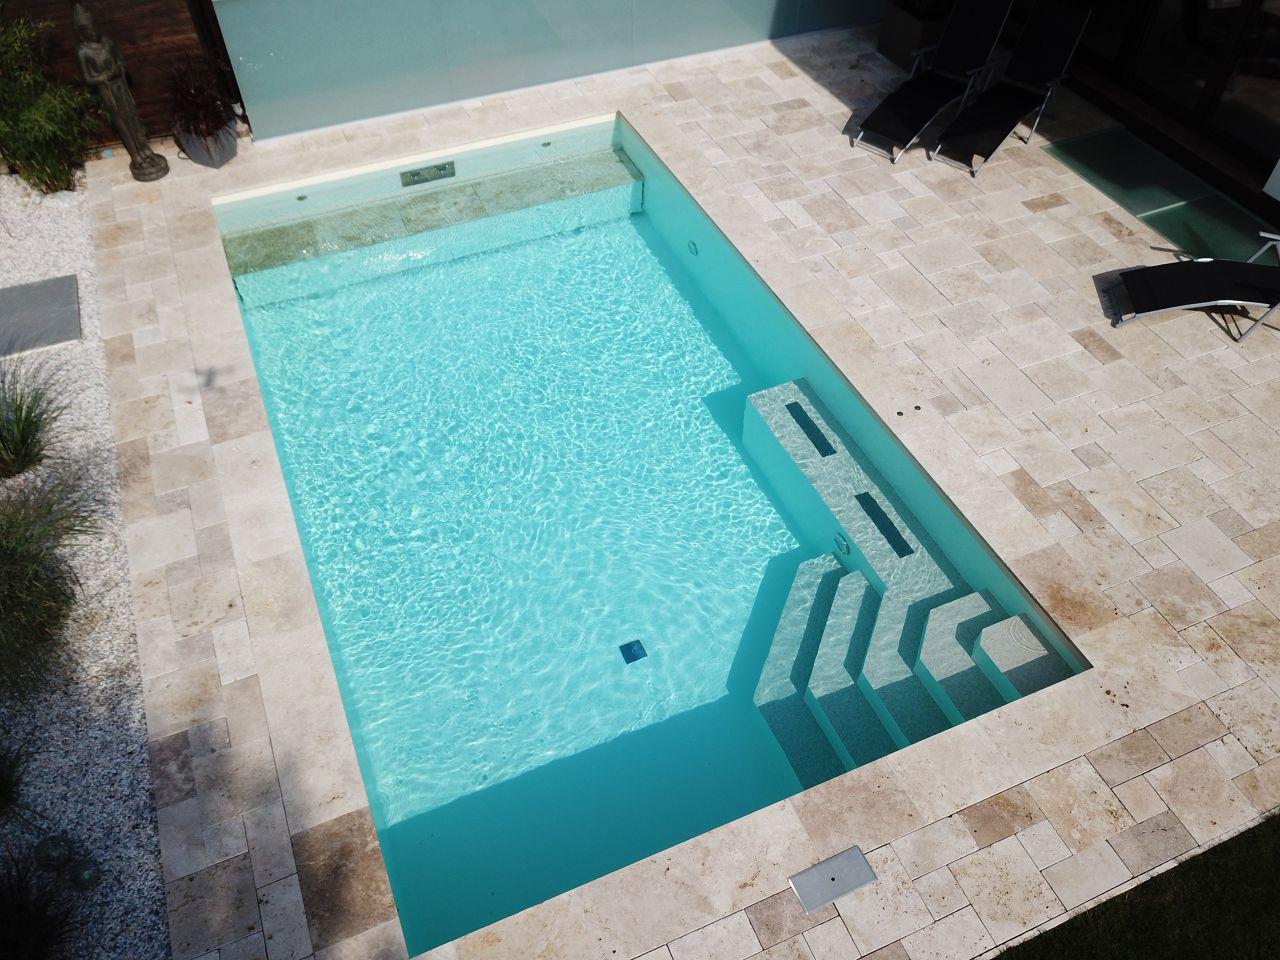 Außen-Pool 4x7x1,5m mit Ecktreppe, Podest und Rolladenabdeckung